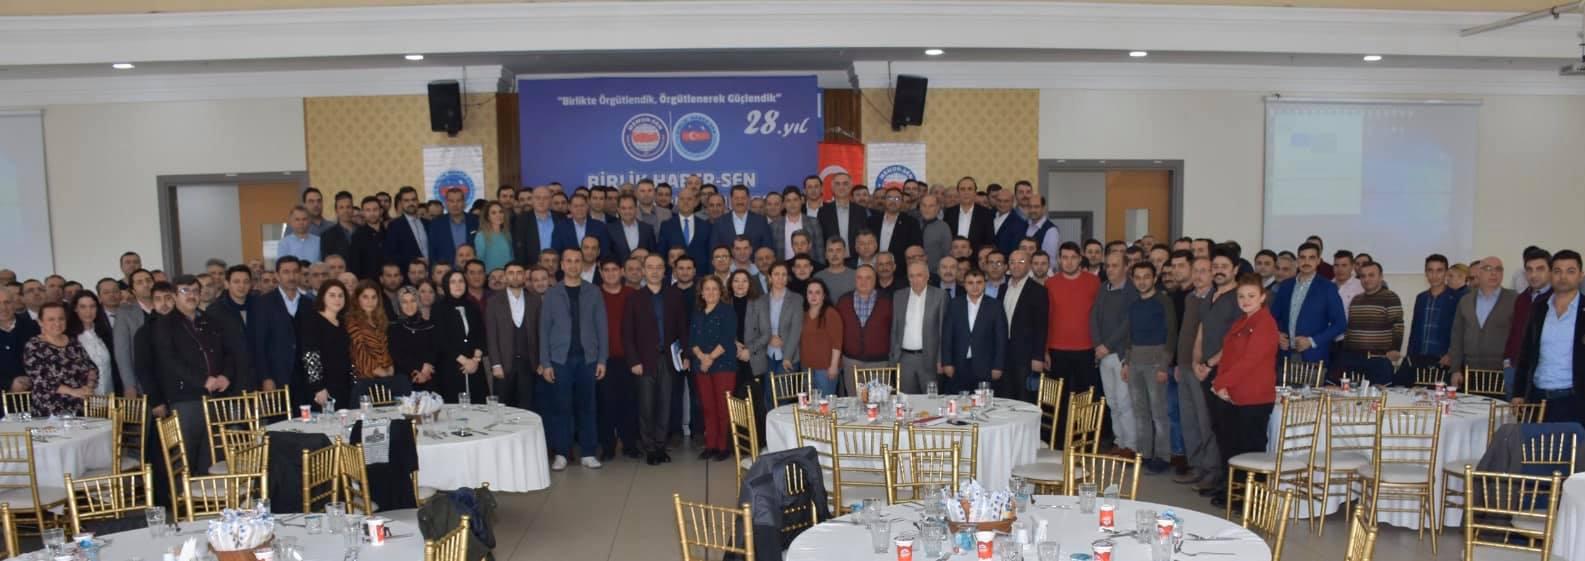 """Birlik Haber Sen """" Büyük İstanbul Buluşması """" Gerçekleştirildi"""